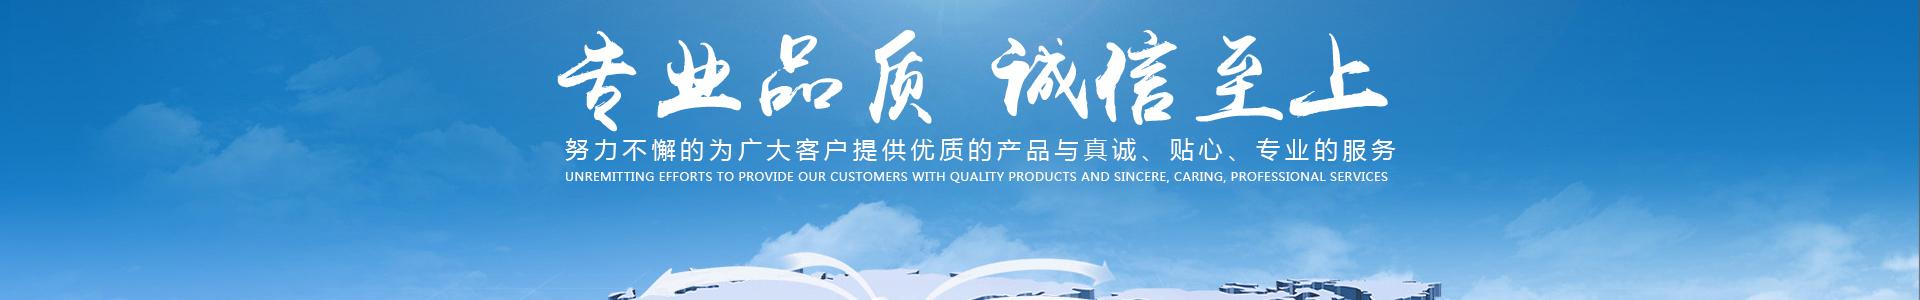 TECO东元电机|变频器|减速机|伺服电机|维修售后